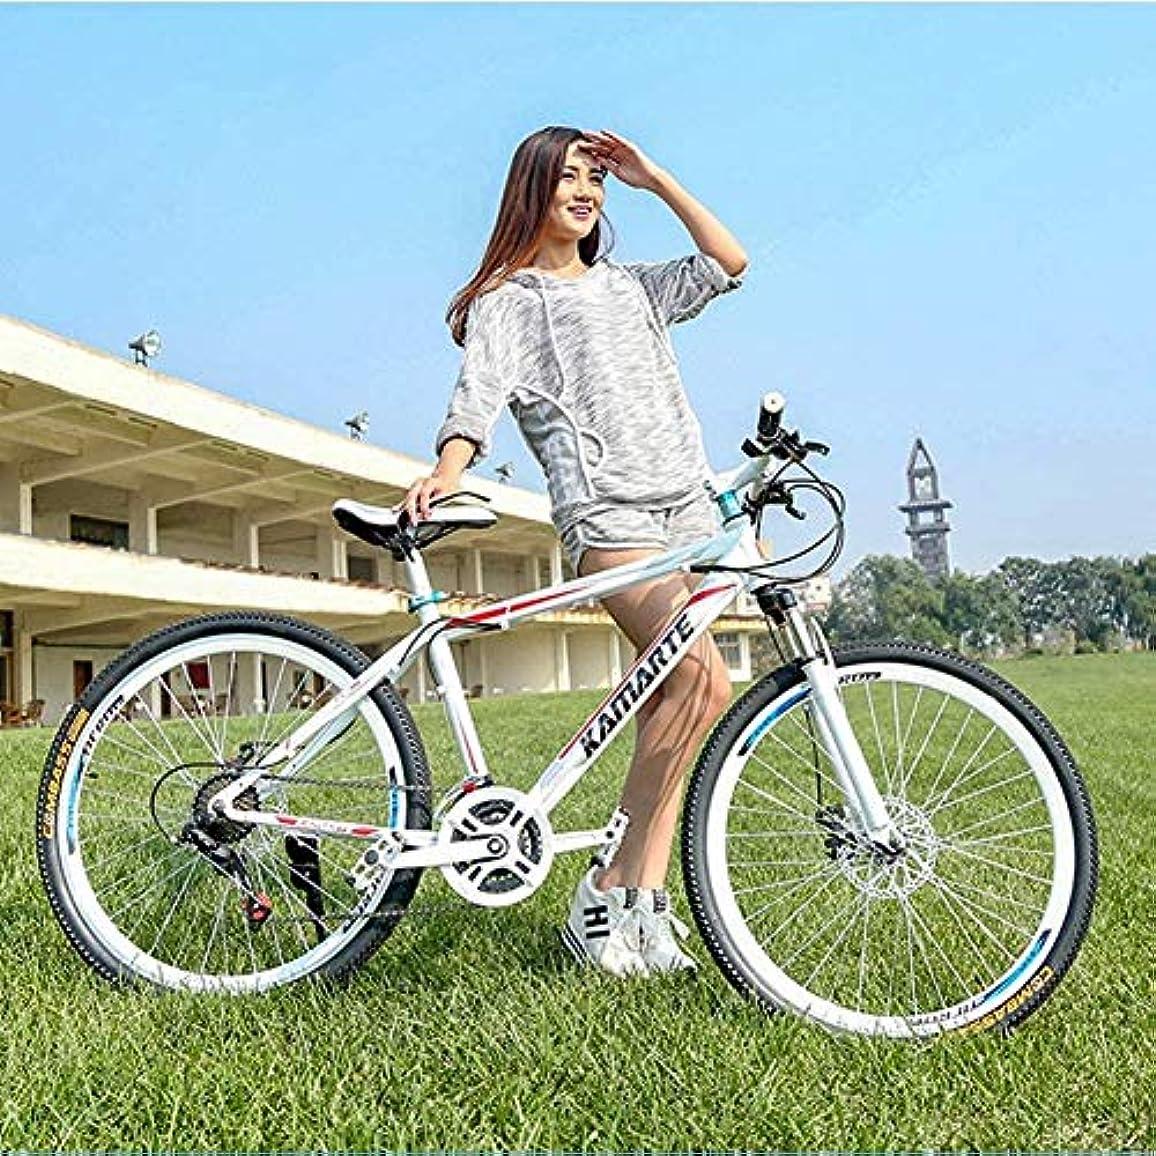 ロケーション遺伝的ご予約マウンテンバイク26インチのマウンテンバイクトレイル、高炭素鋼のフレーム、デュアルディスクブレーキ付きメンズ?レディース?全地形マウンテンバイク,B,27スピード